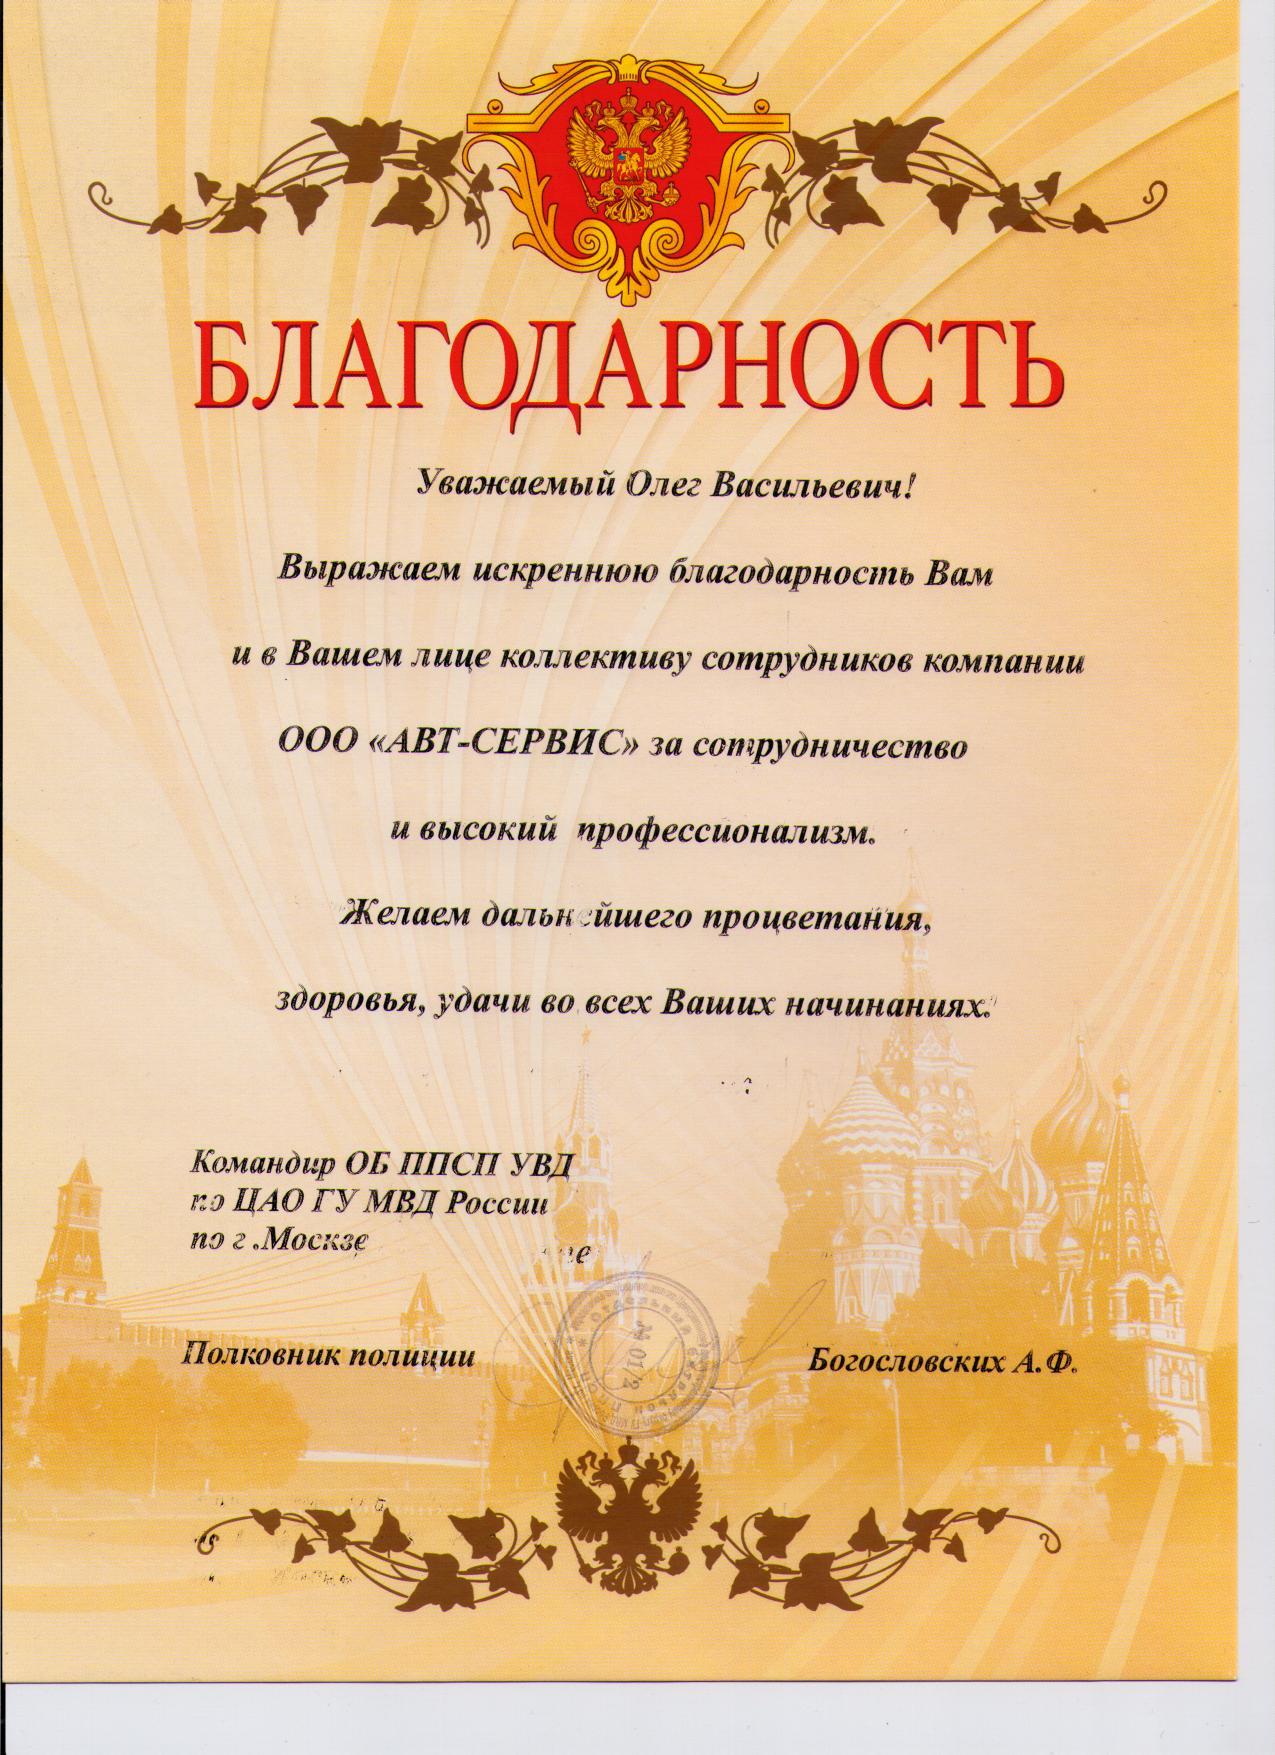 Сертификаты_поверочных_установок__2_.jpg